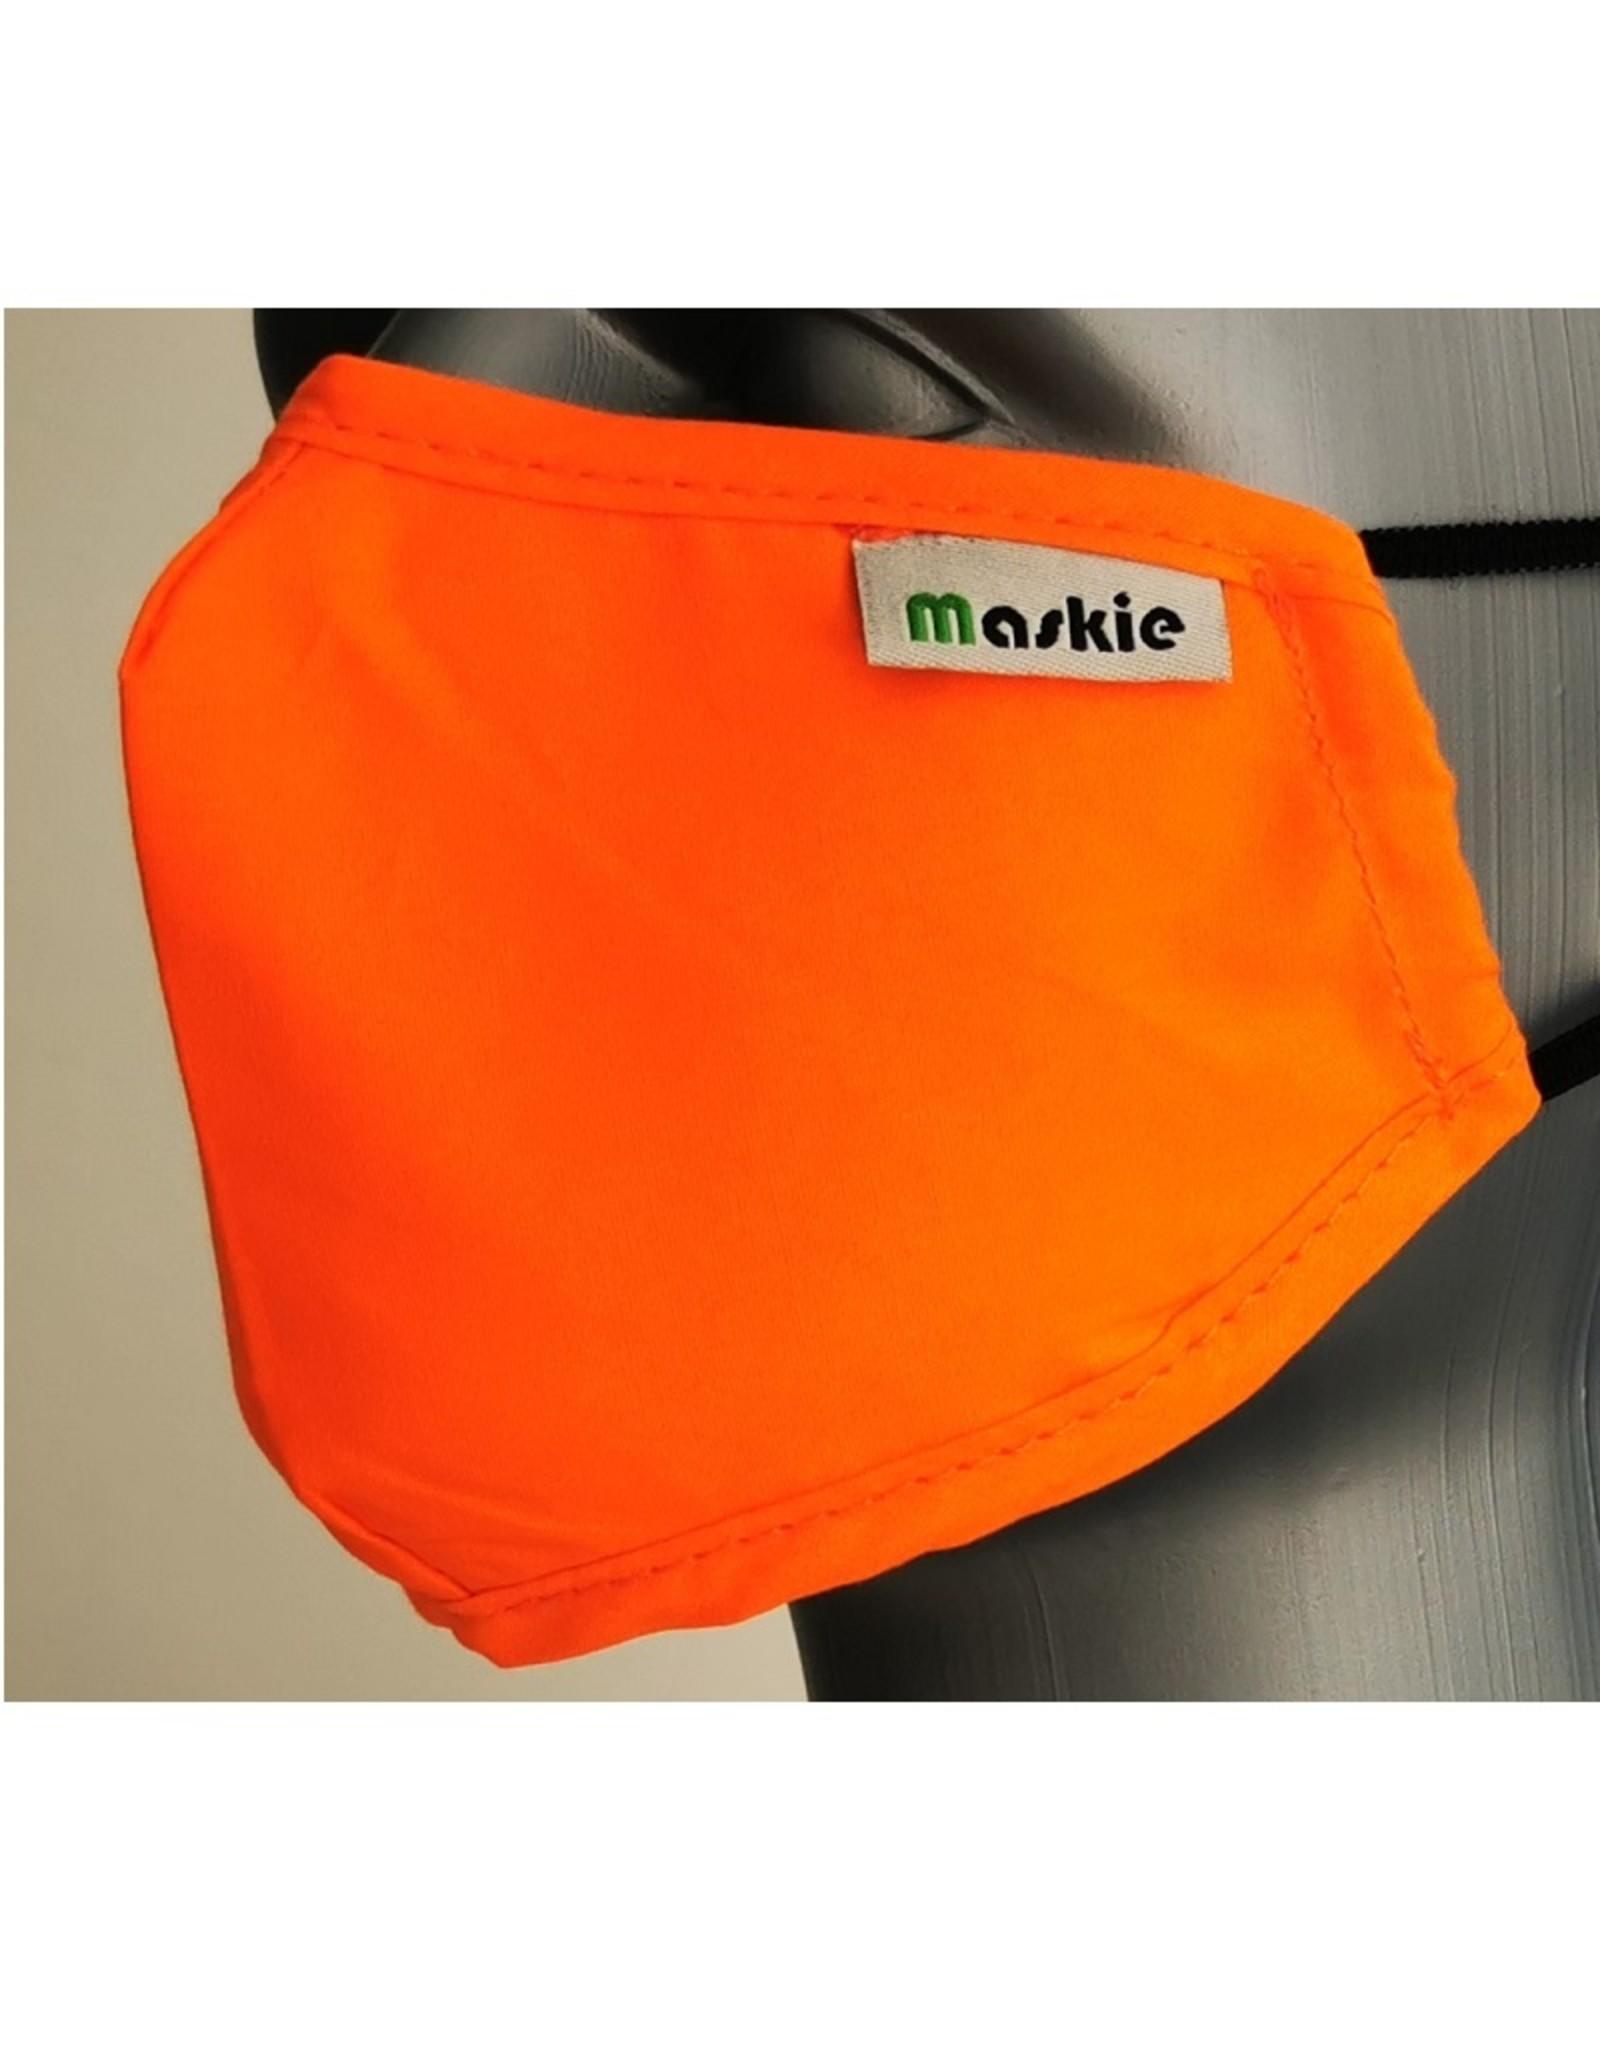 Maskie mondkapje: Effen oranje voor kinderen.